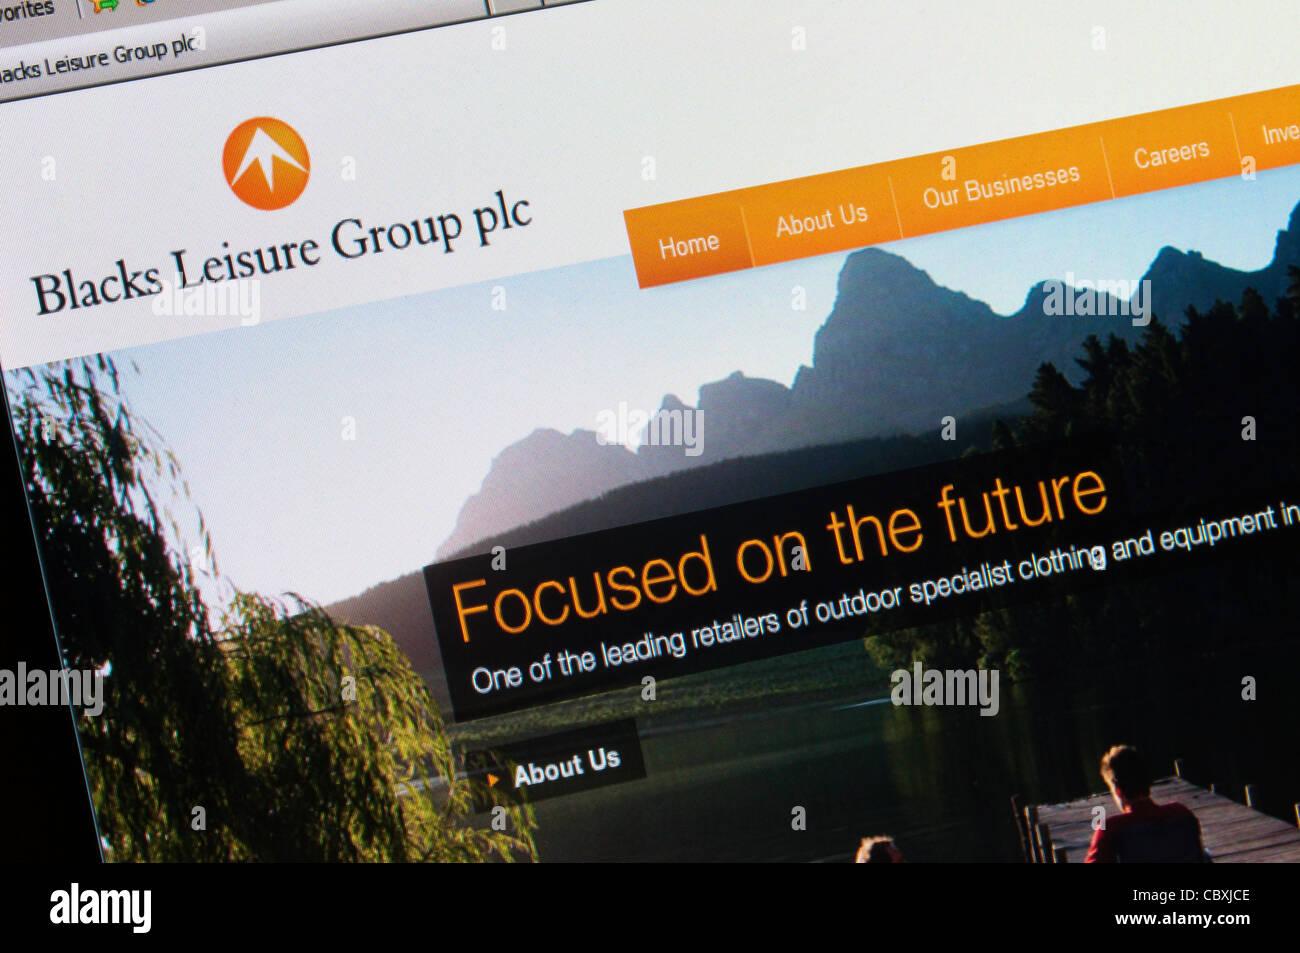 El sitio web de negros Leisure Group plc. Imagen De Stock